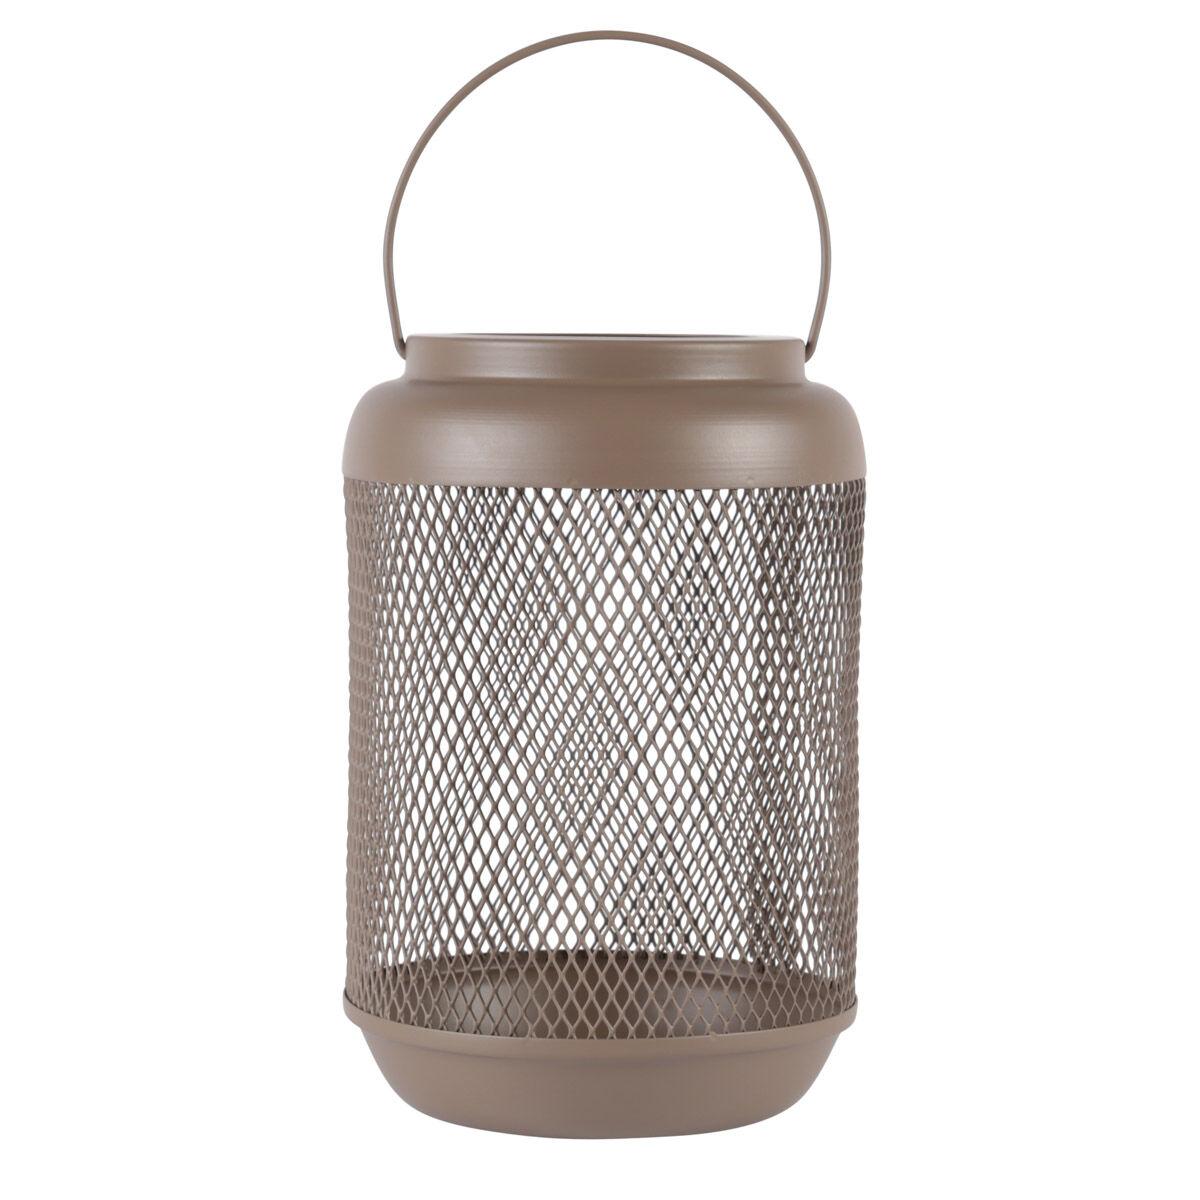 """Zago """"Lanterne métal vert argile h23,5 cm Eden - ZAGO"""""""